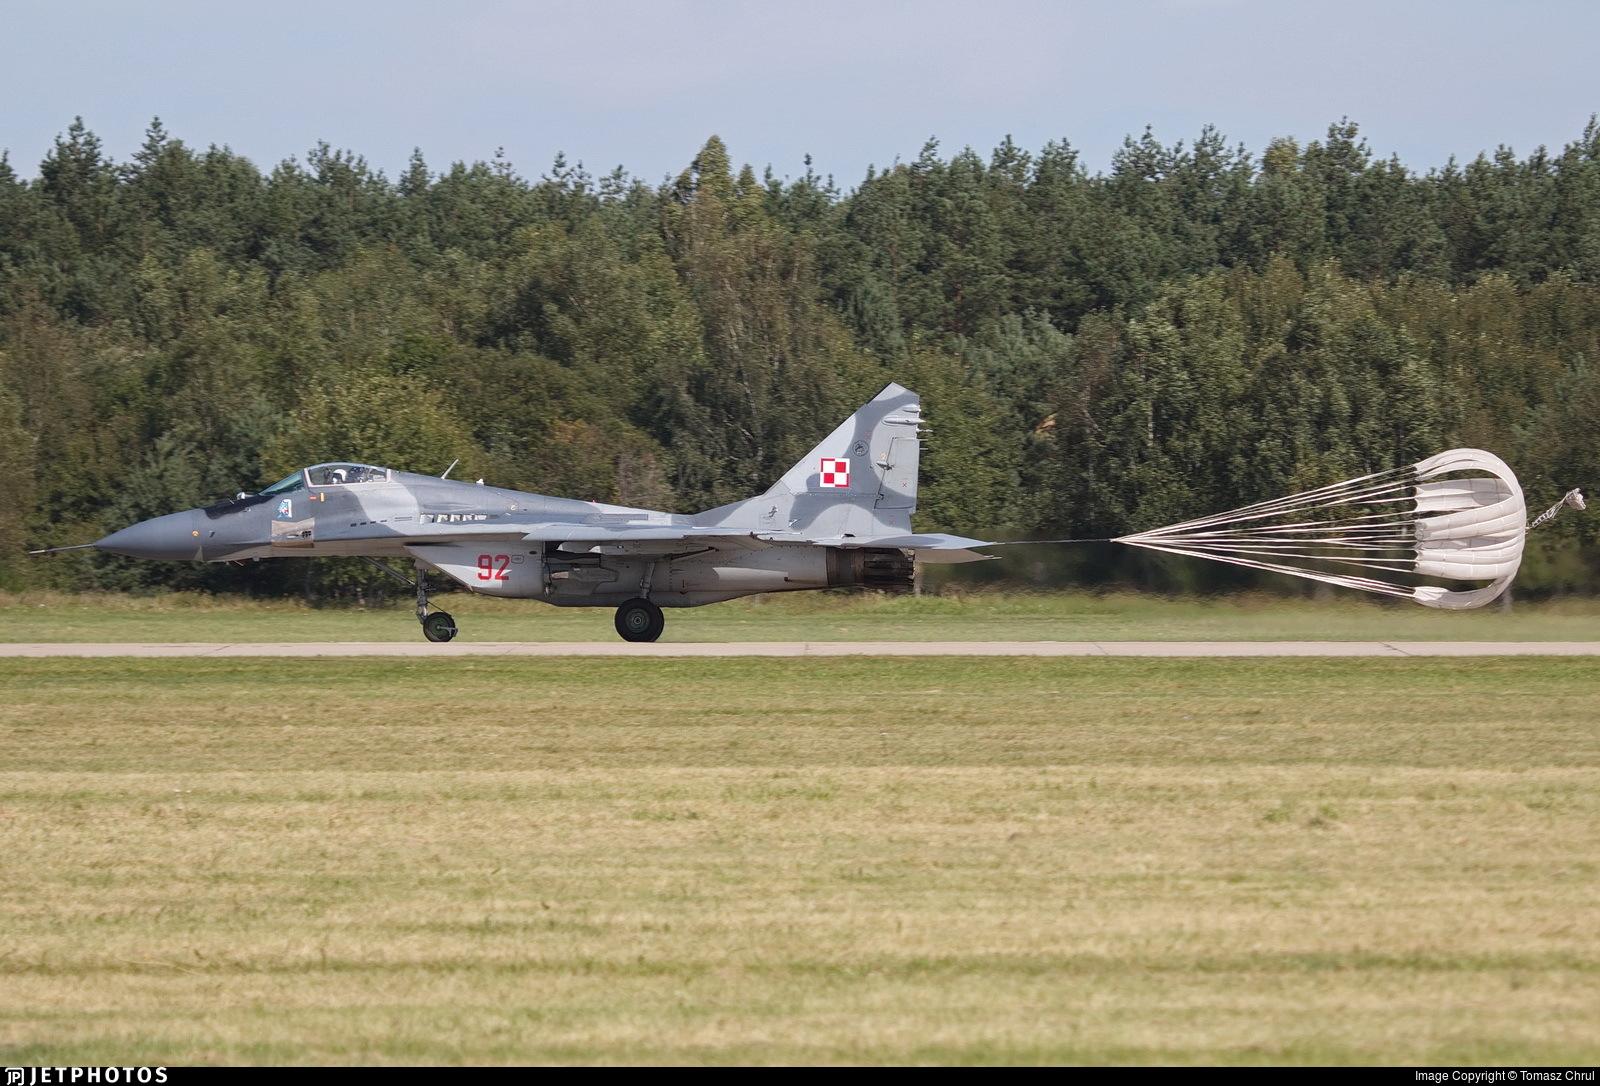 92 - Mikoyan-Gurevich MiG-29A Fulcrum - Poland - Air Force